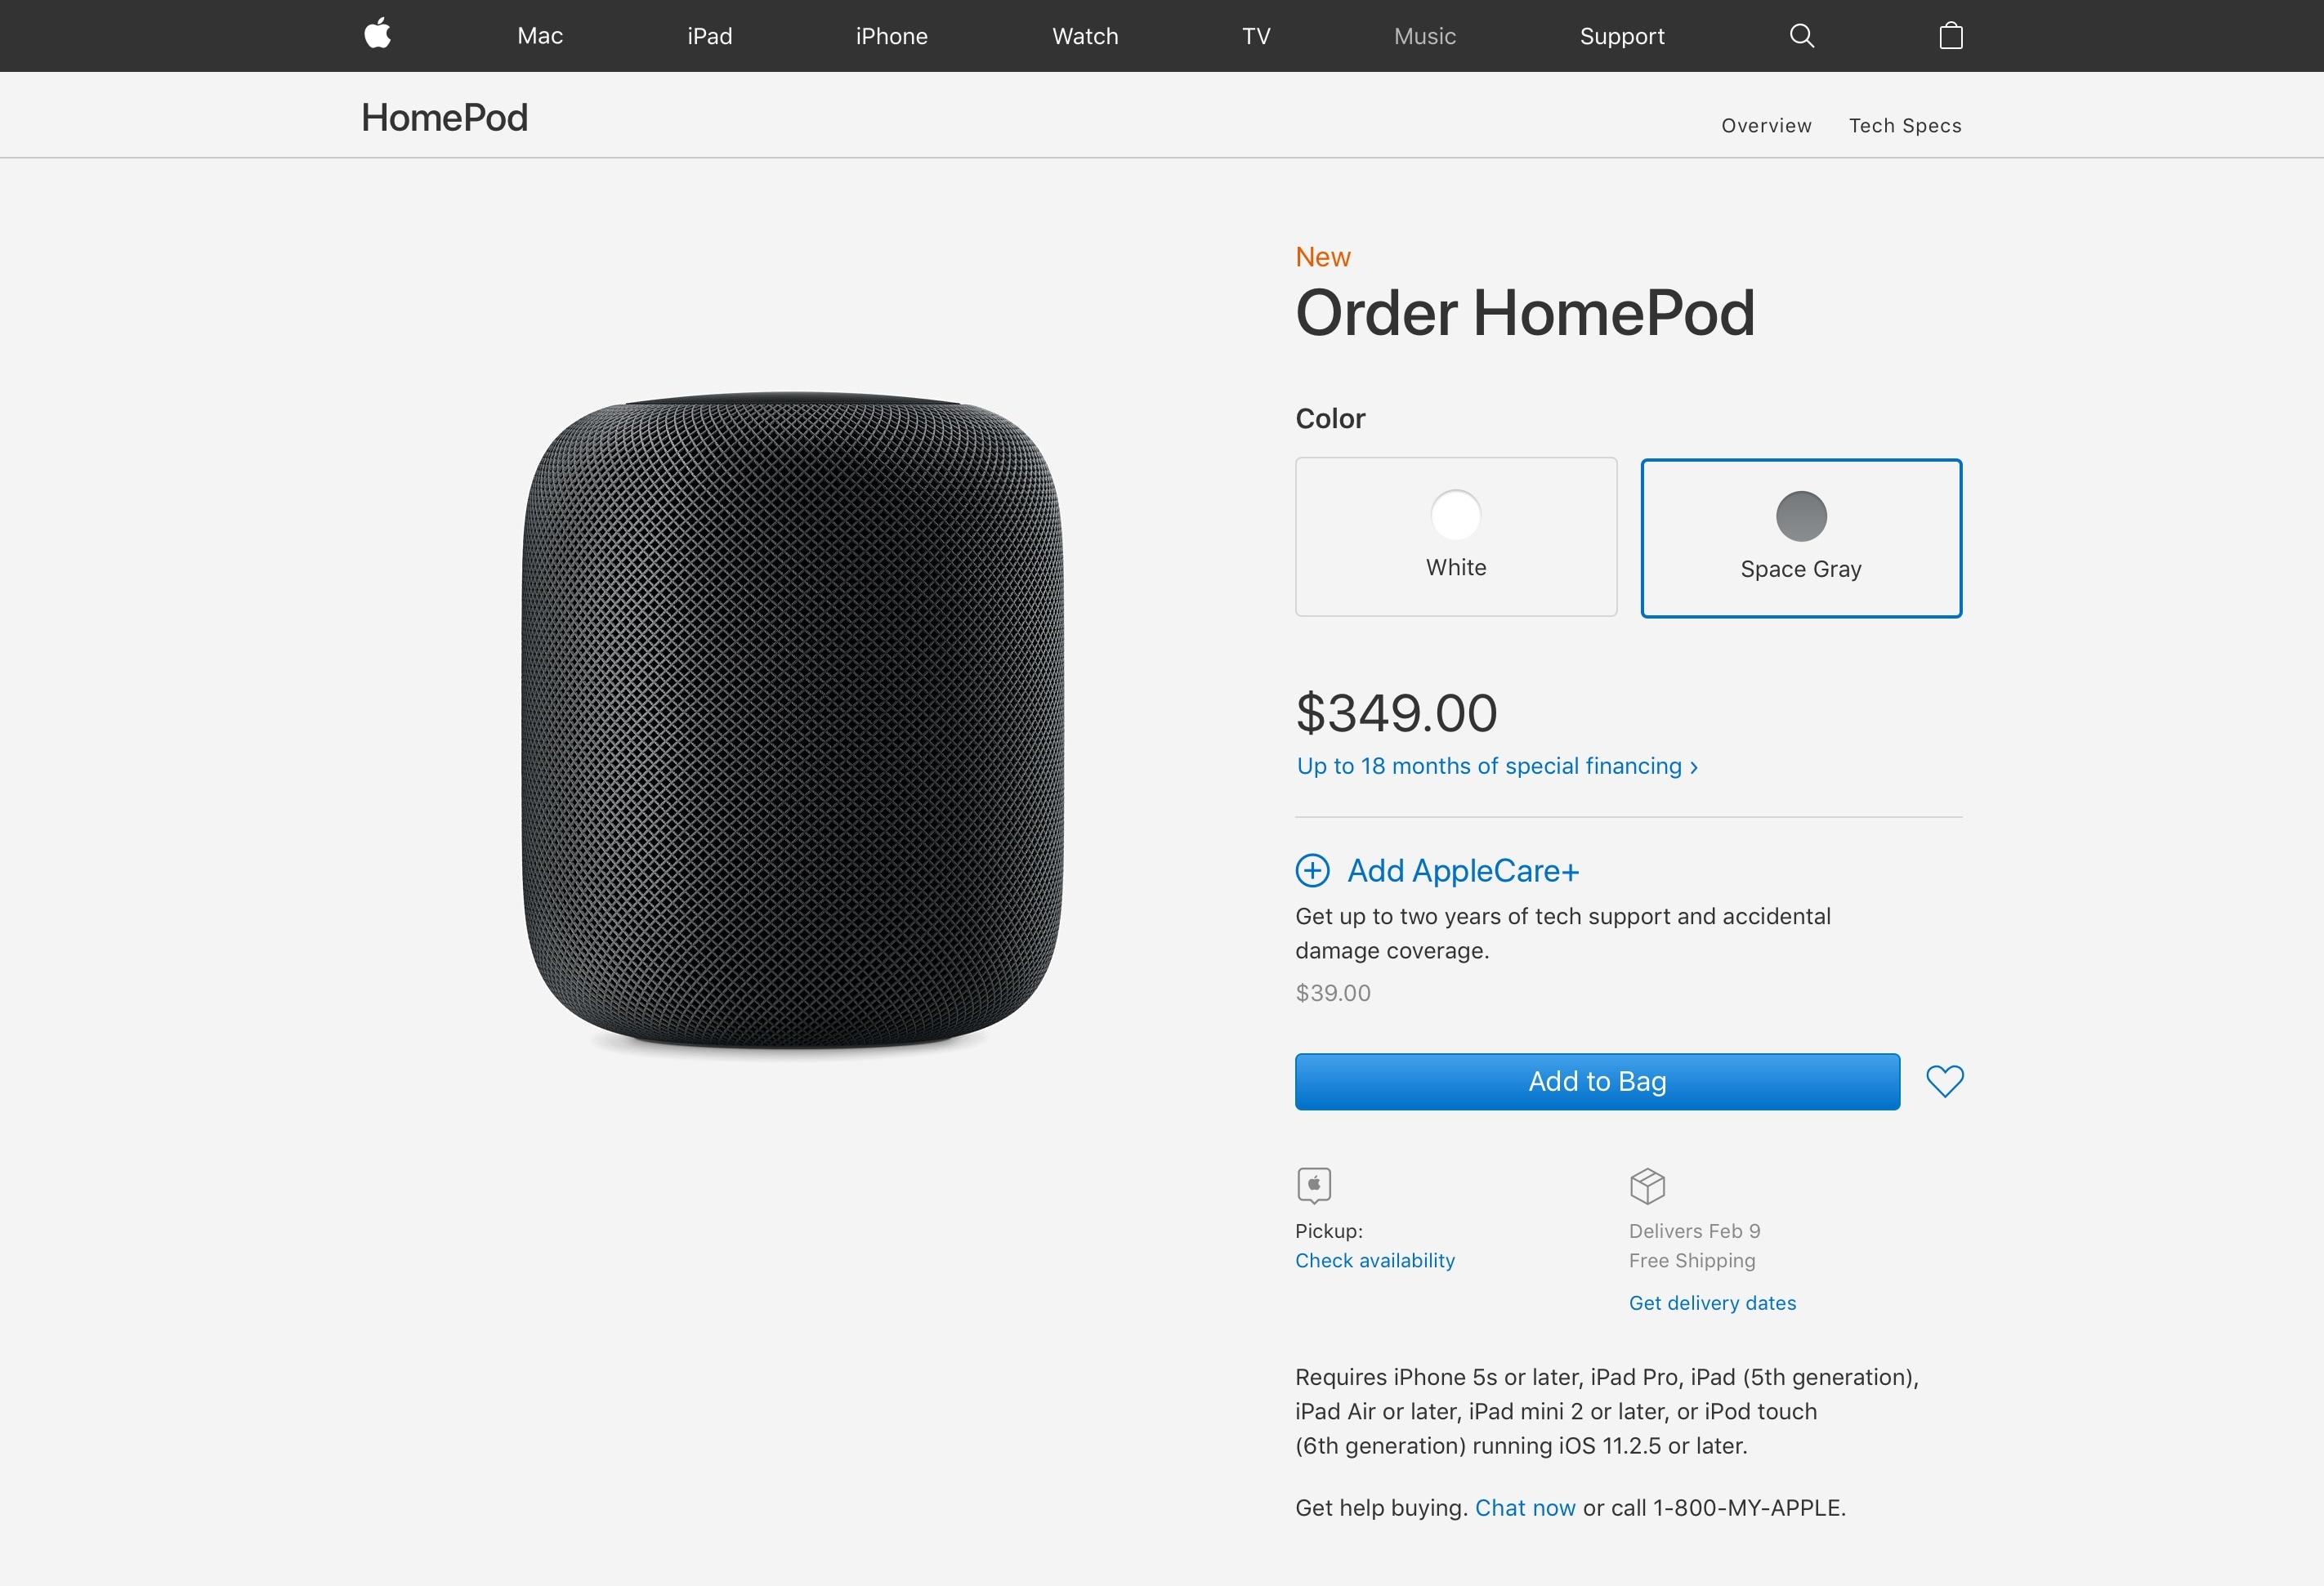 Comprando o HomePod pelo site da Apple